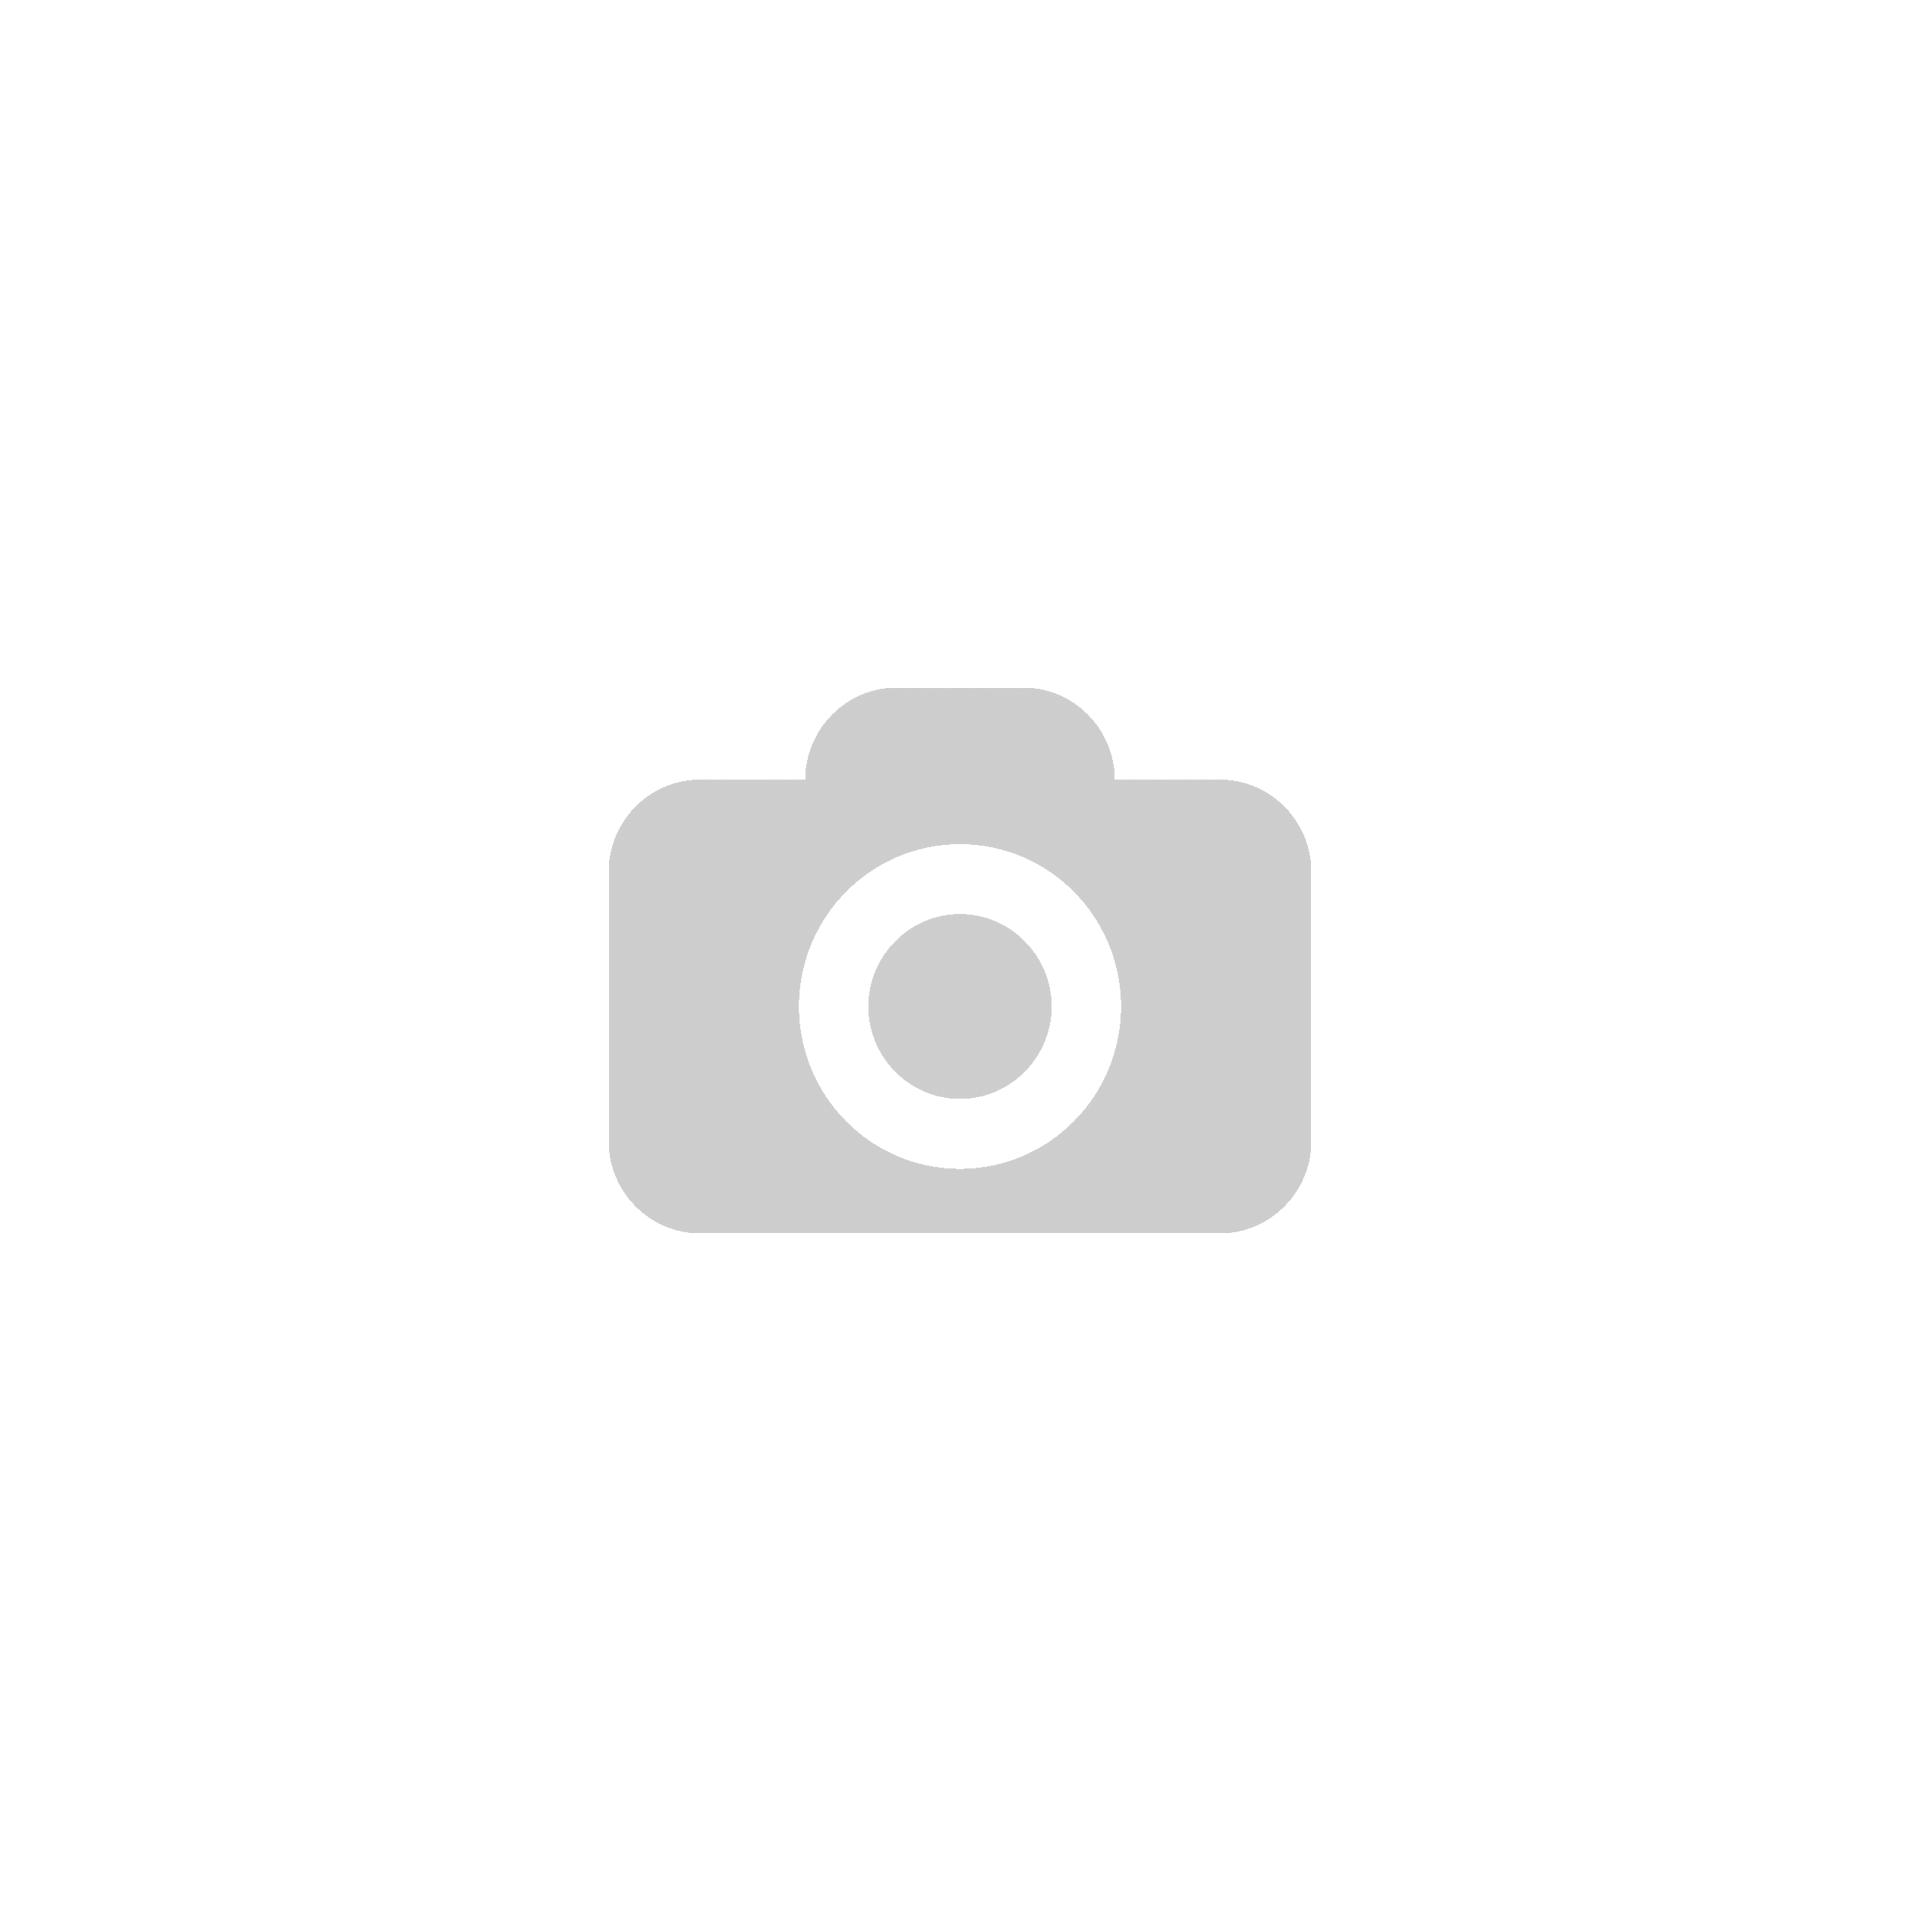 Gerber Gator machete bozótvágó, nagyméretű